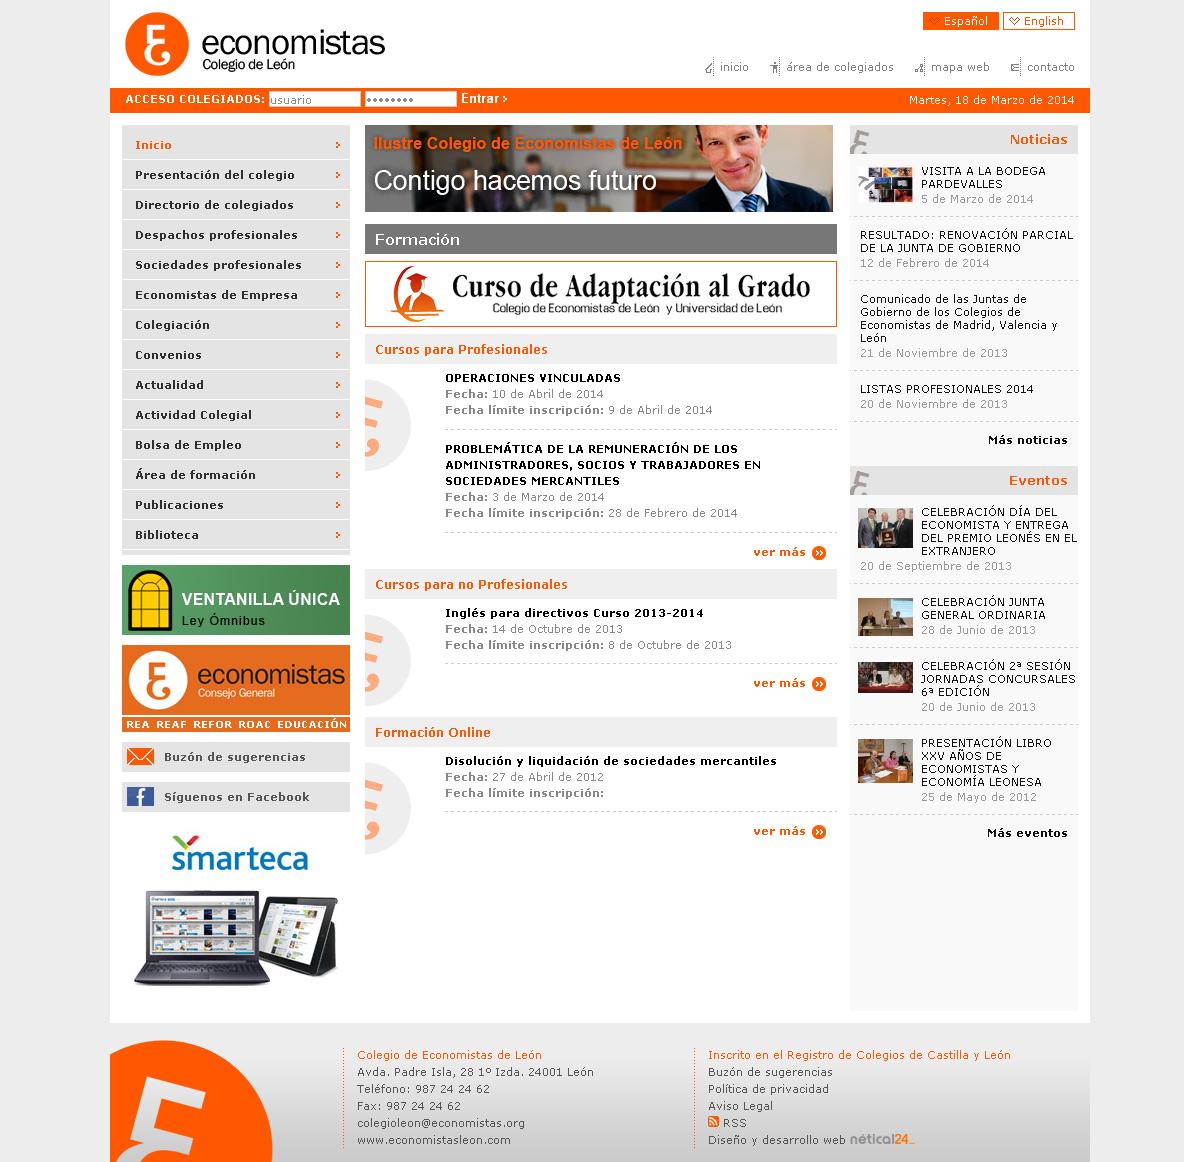 Colegio de Economistas de León_ec1